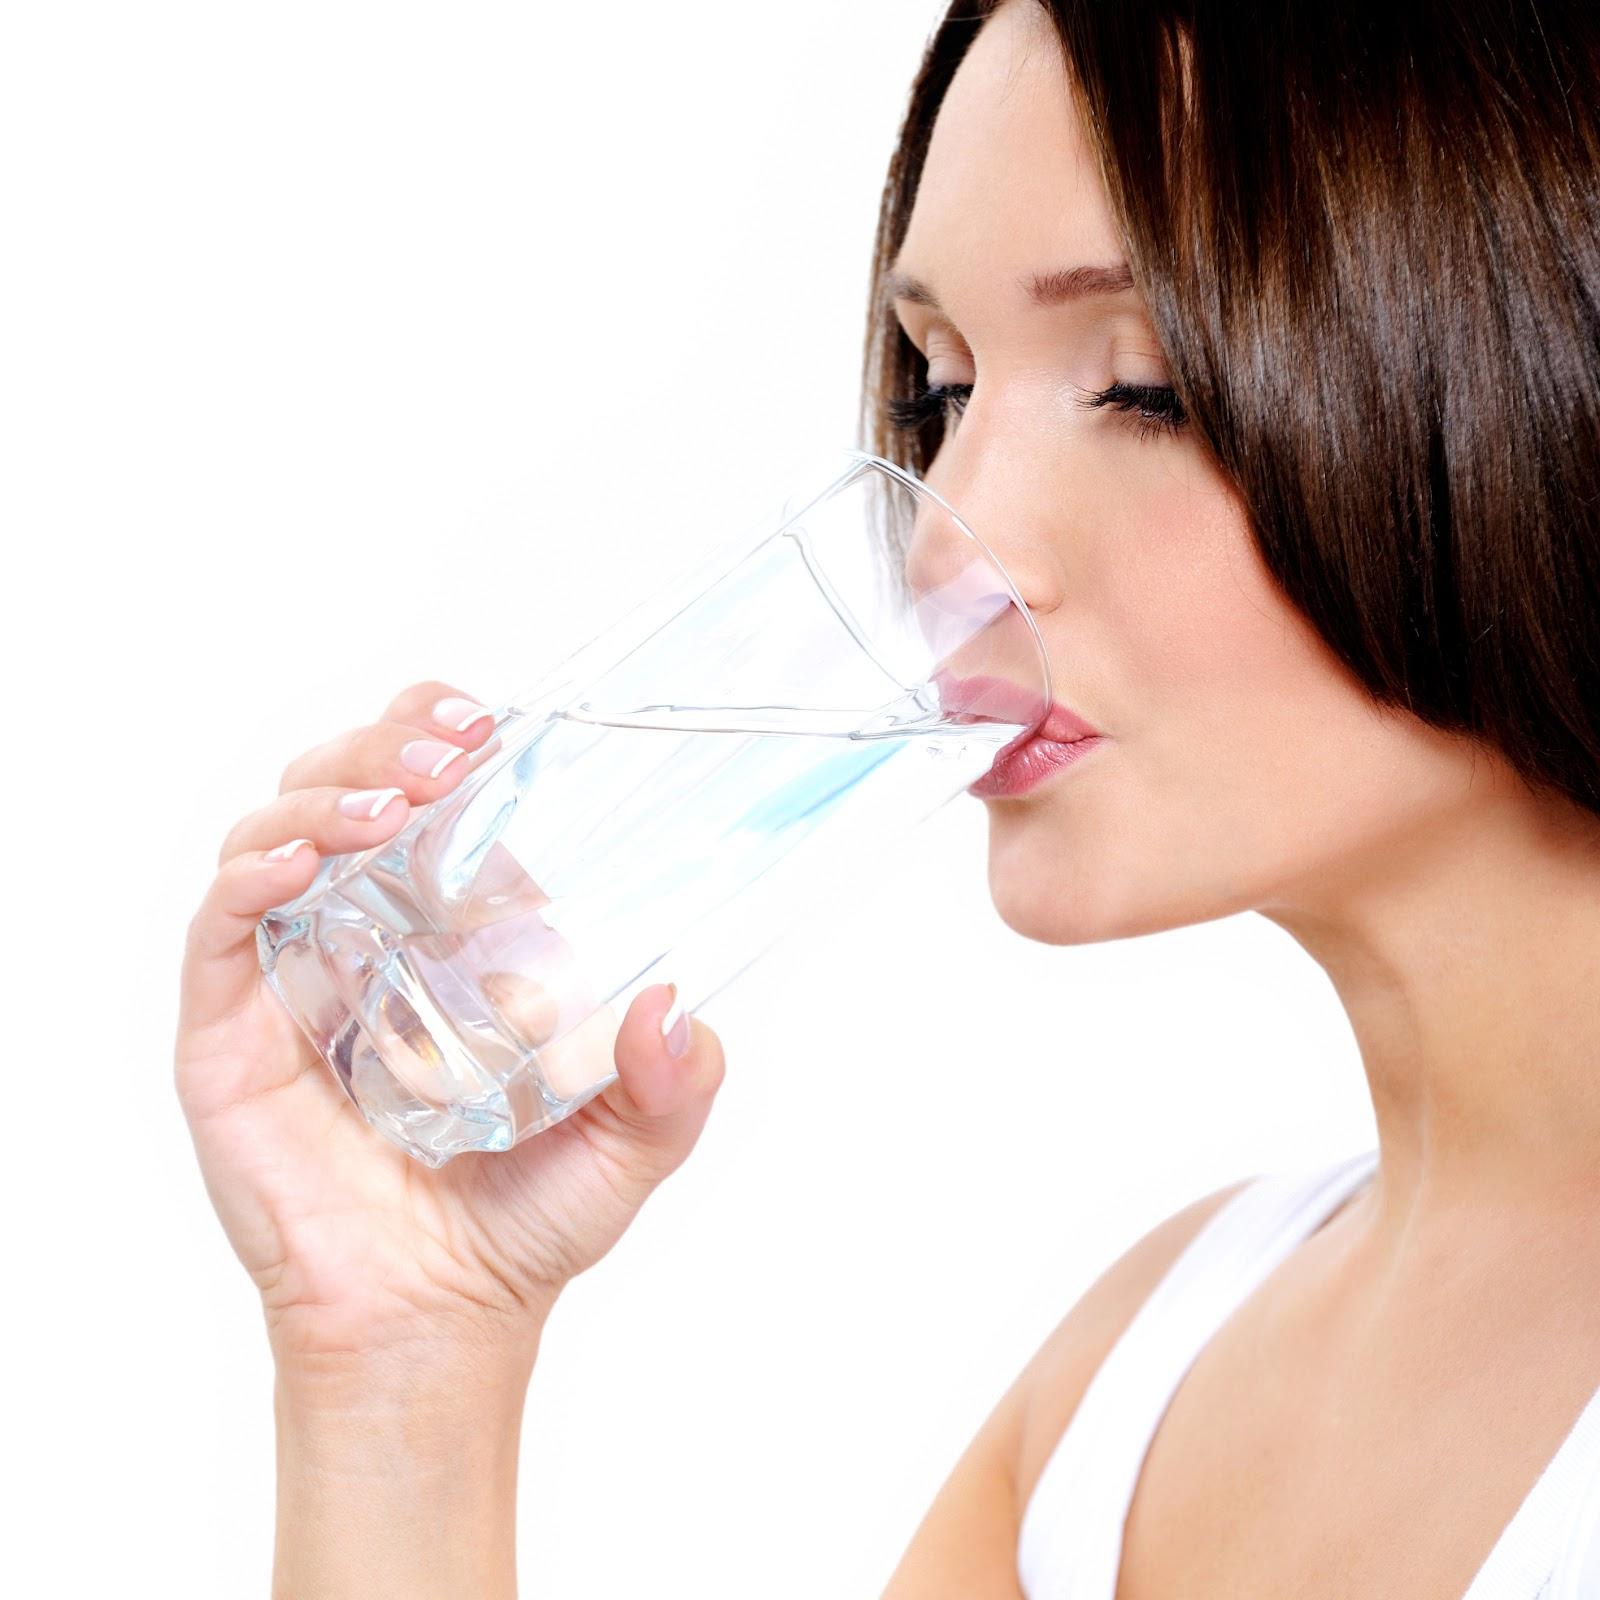 Cung cấp lượng nước cần thiết cho cơ thể